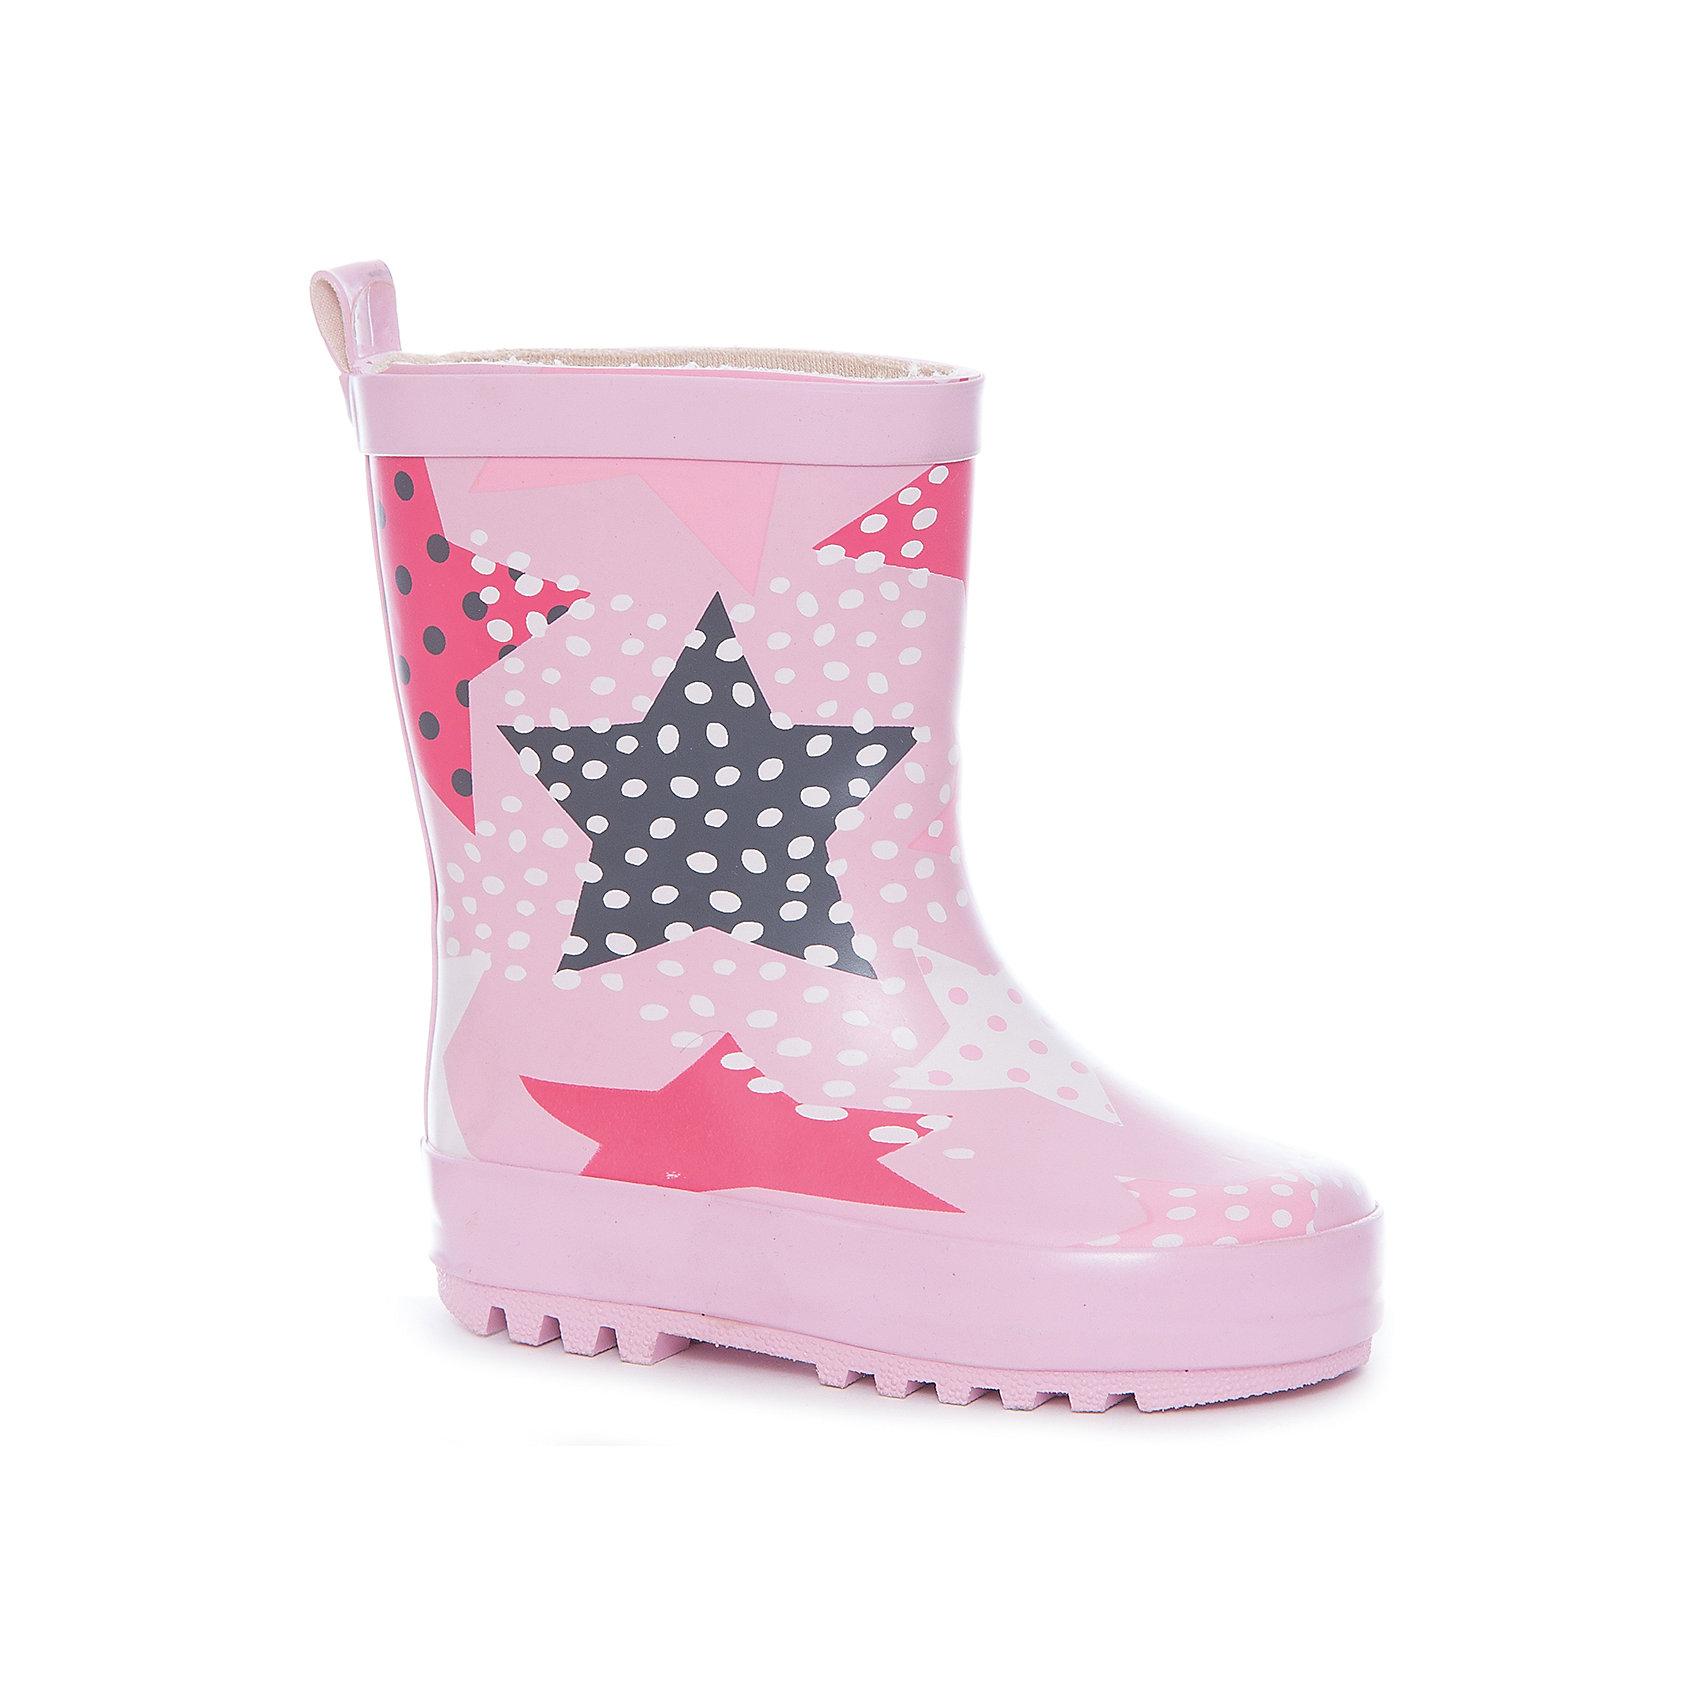 Резиновые сапоги  для девочки PlayTodayРезиновые сапоги<br>Сапоги для девочки PlayToday<br>Резиновые сапоги прекрасно подойдут для прогулок в дождливую погоду. Модель на утолщенной рифленой подошве с небольшим устойчивым каблуком. Мягкая подкладка  обеспечит комфорт ногамПреимущества: Модель на небольшом каблукеВысокая рифленая подошваМодель на мягкой подкладке<br>Состав:<br>Верх:100%резина;Подкладка:100%хлопок;Подошва:100%резина<br><br>Ширина мм: 183<br>Глубина мм: 60<br>Высота мм: 135<br>Вес г: 119<br>Цвет: разноцветный<br>Возраст от месяцев: 24<br>Возраст до месяцев: 36<br>Пол: Женский<br>Возраст: Детский<br>Размер: 26,22,23,24,25<br>SKU: 5408399